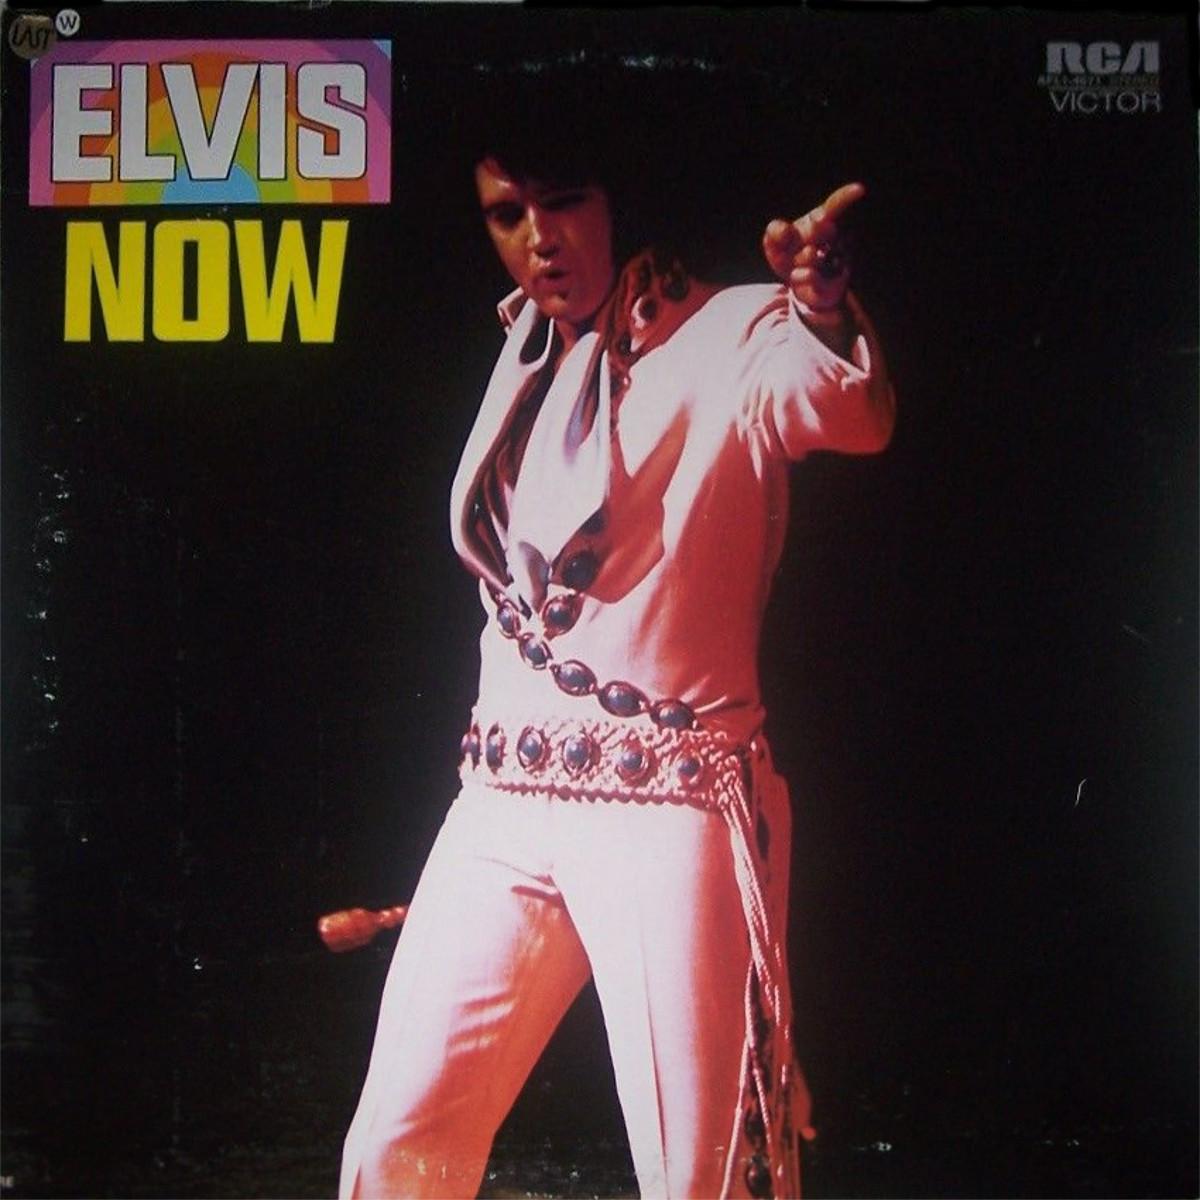 ELVIS NOW Afl1-4671asnk04